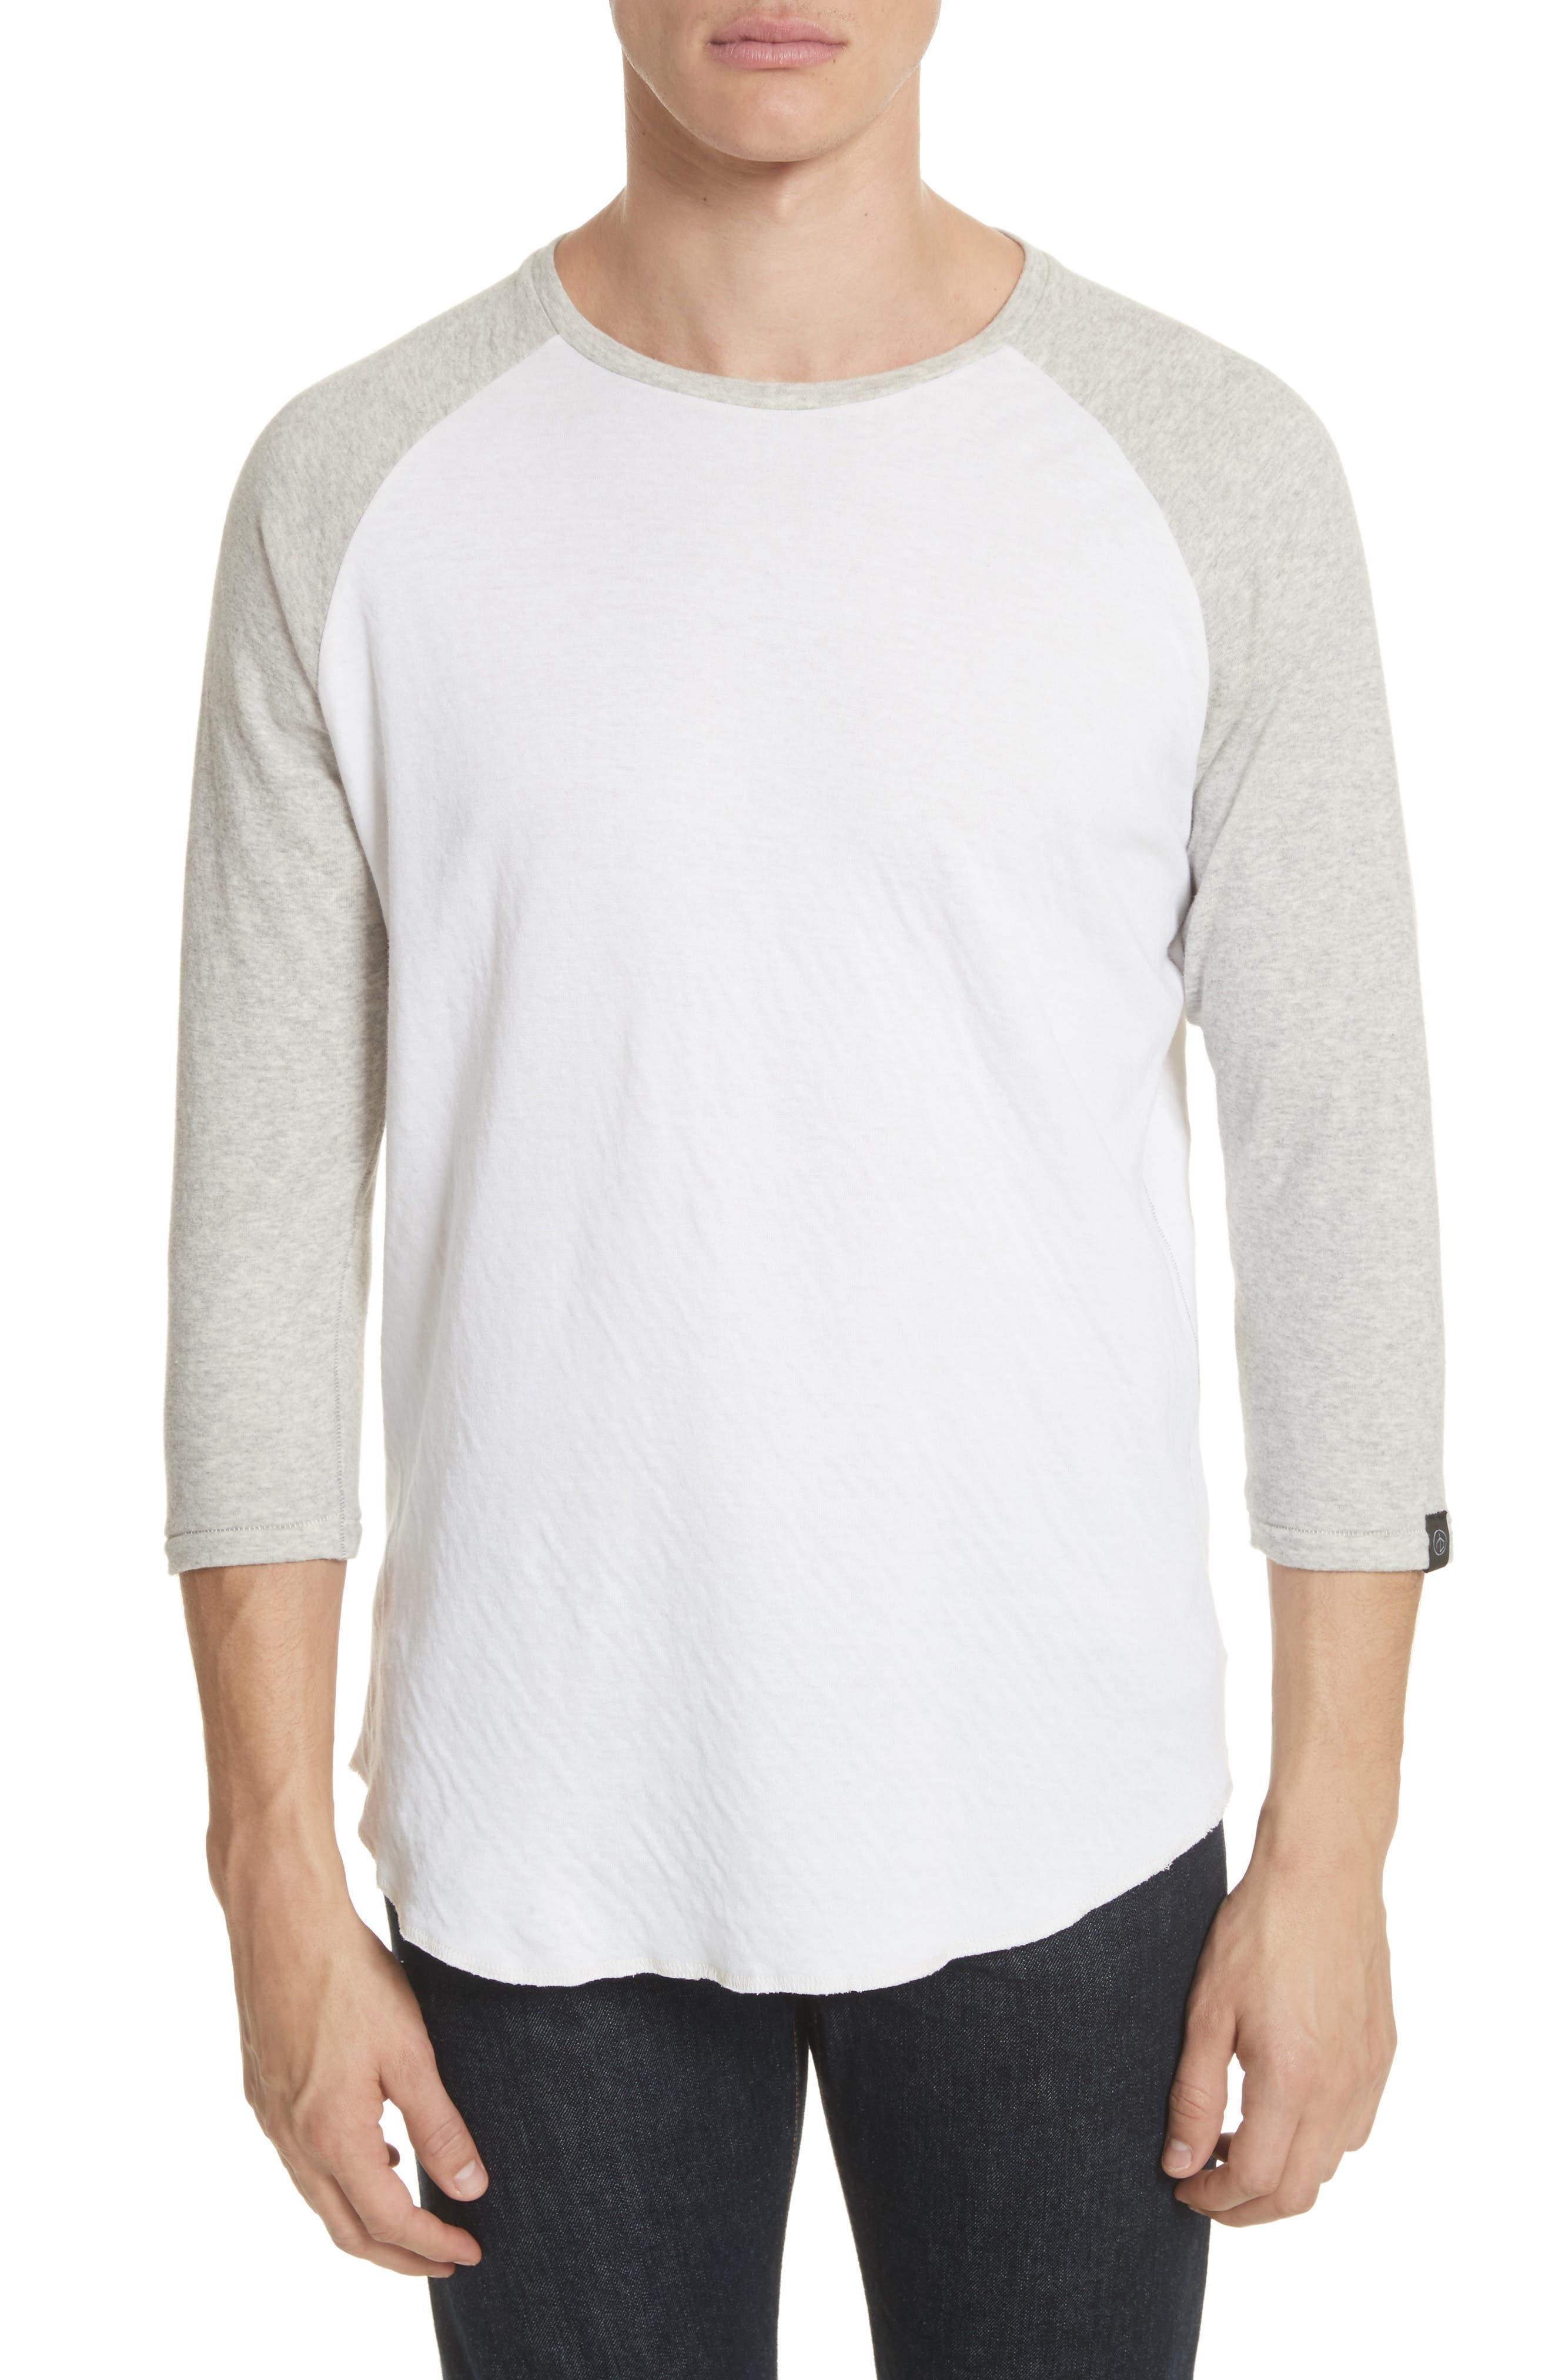 Rigby Baseball T-Shirt,                             Main thumbnail 1, color,                             Grey/ White